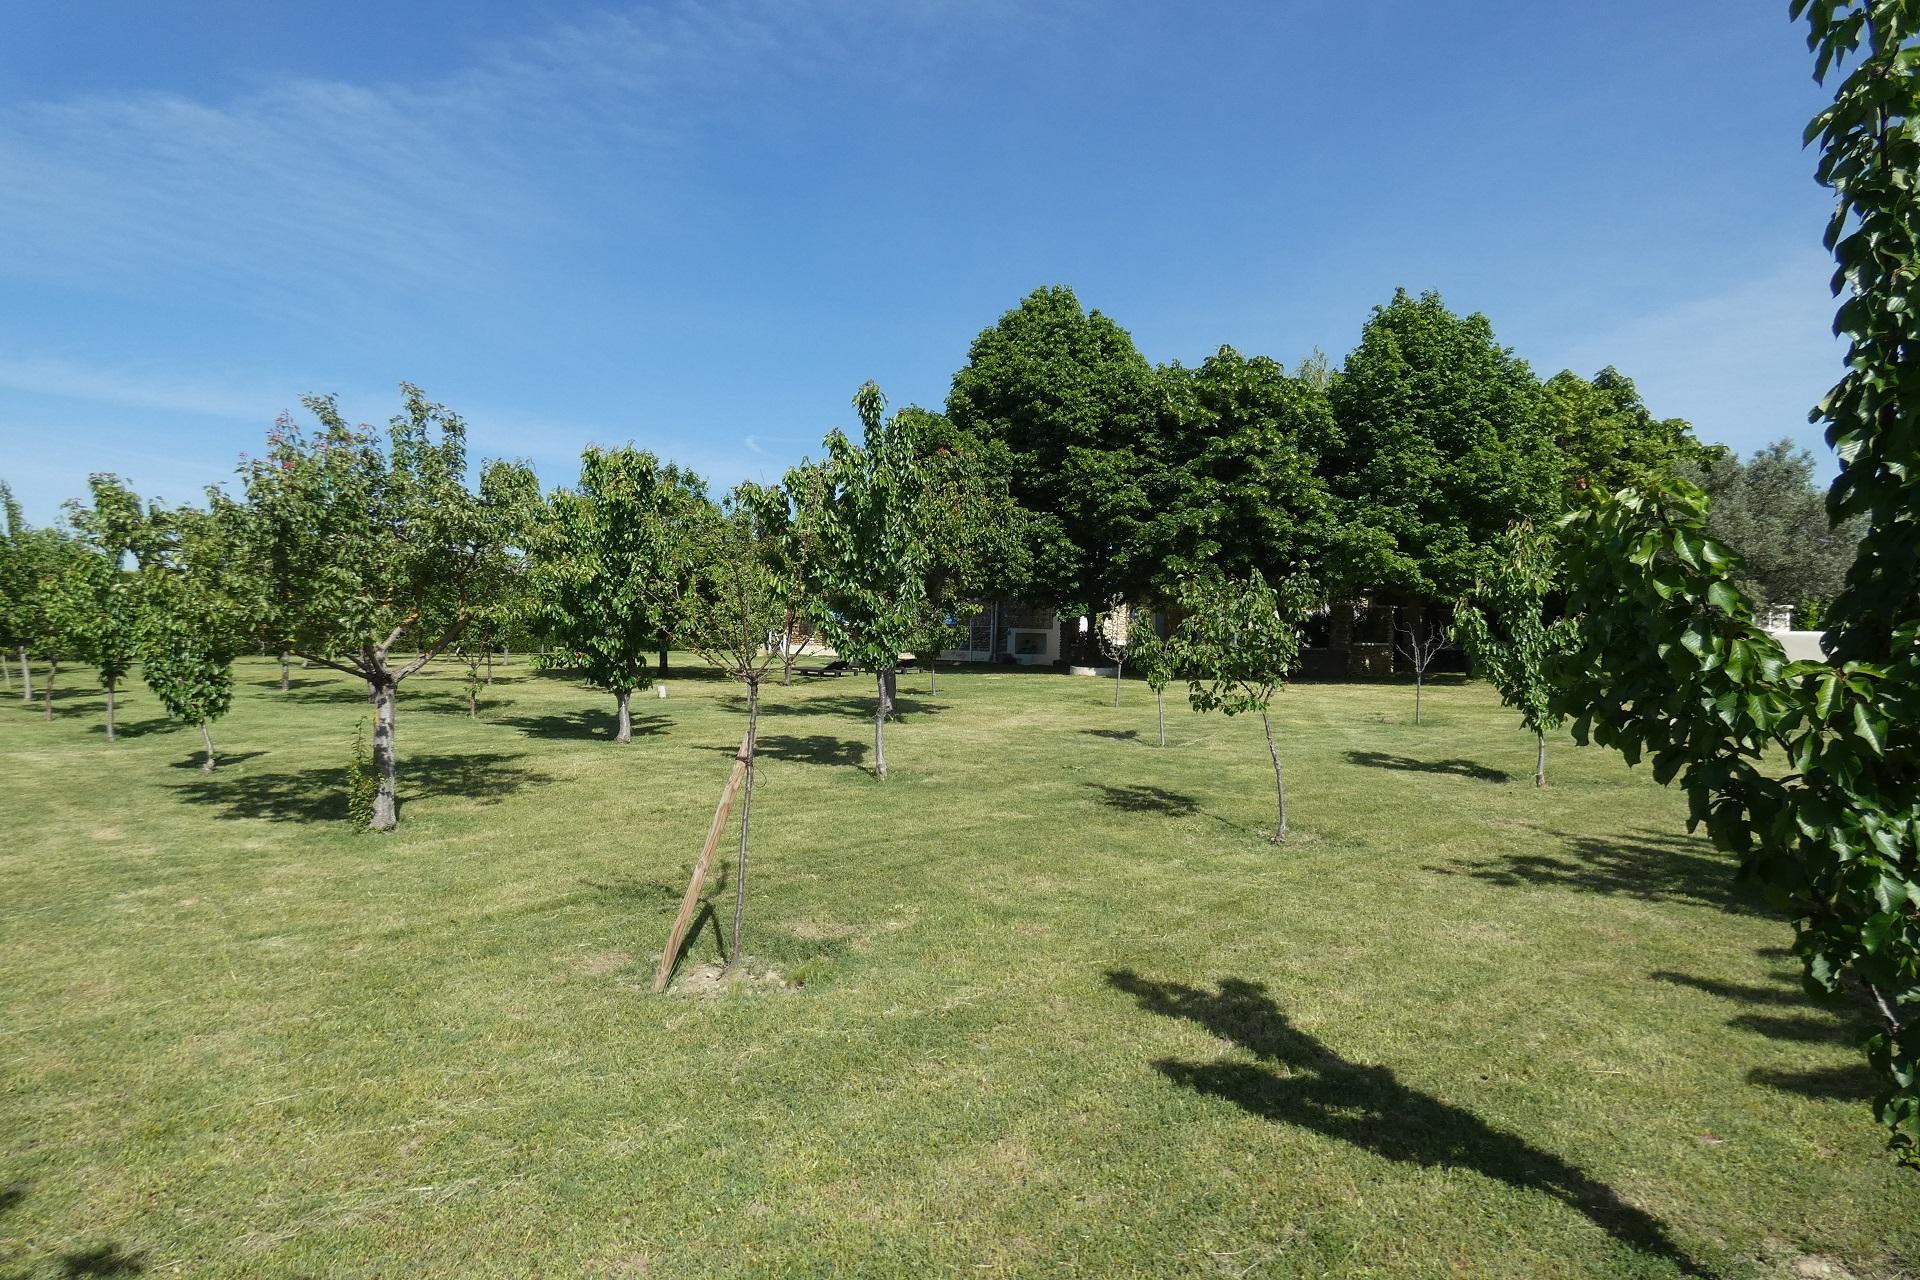 mas-du-sillot-grignan-vaucluse-drome-jardin-seminaire-de-caractere